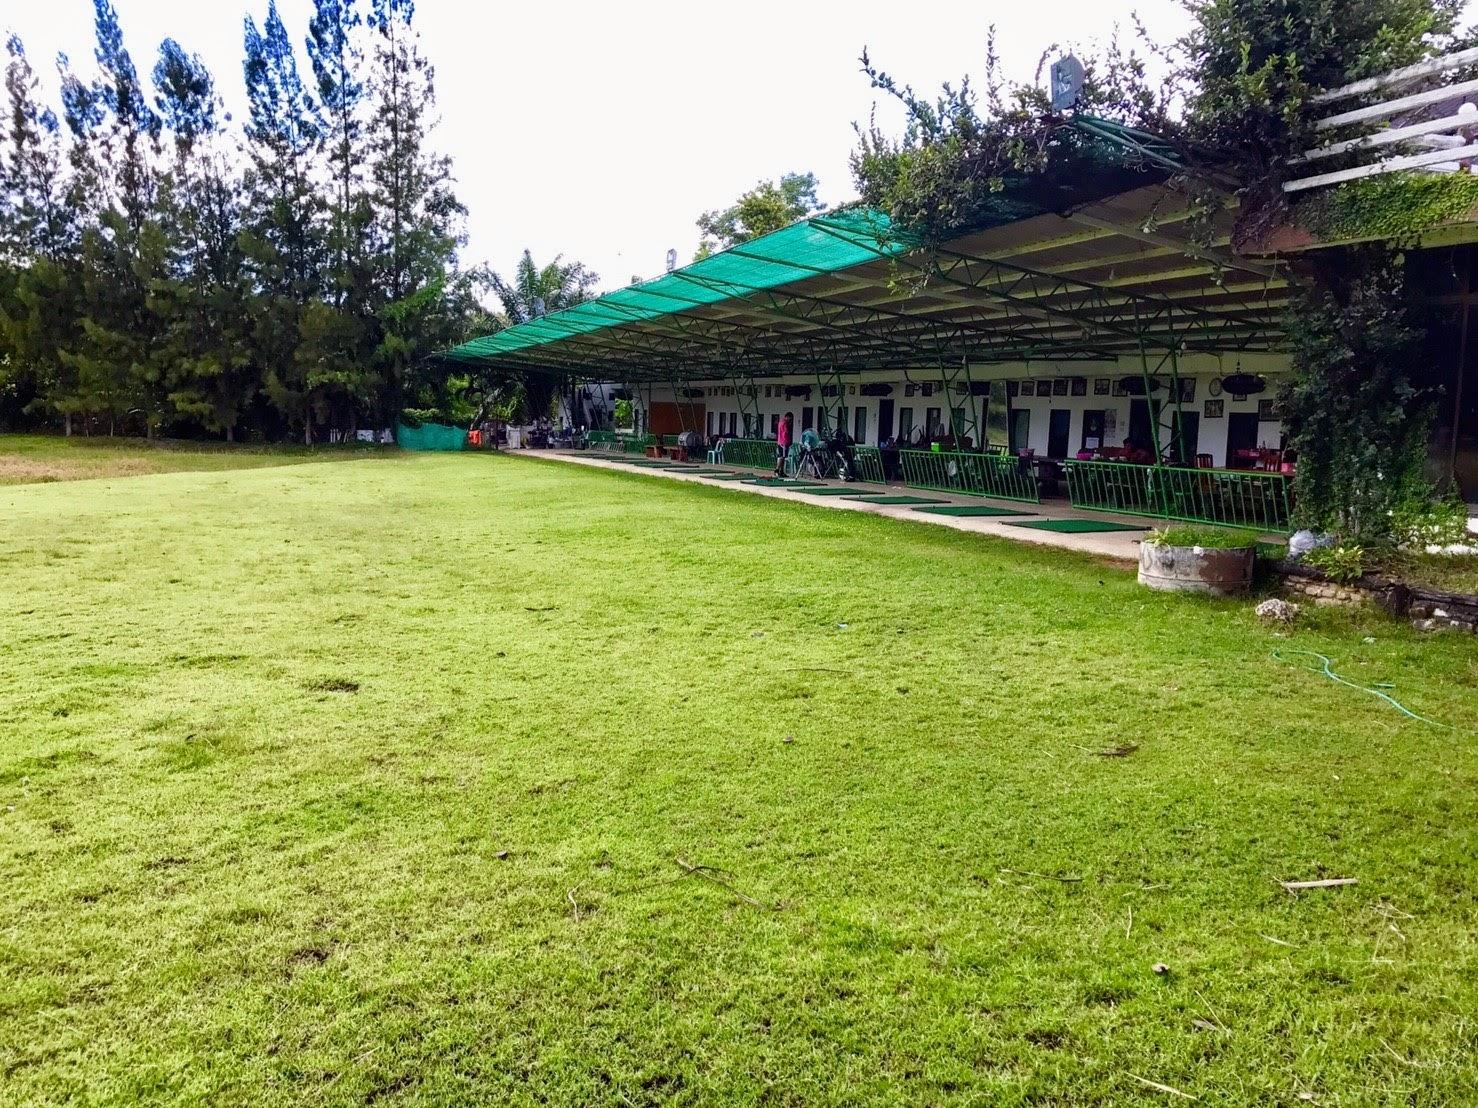 Поле для гольфа в джунглях в тайской провинции Сакэу